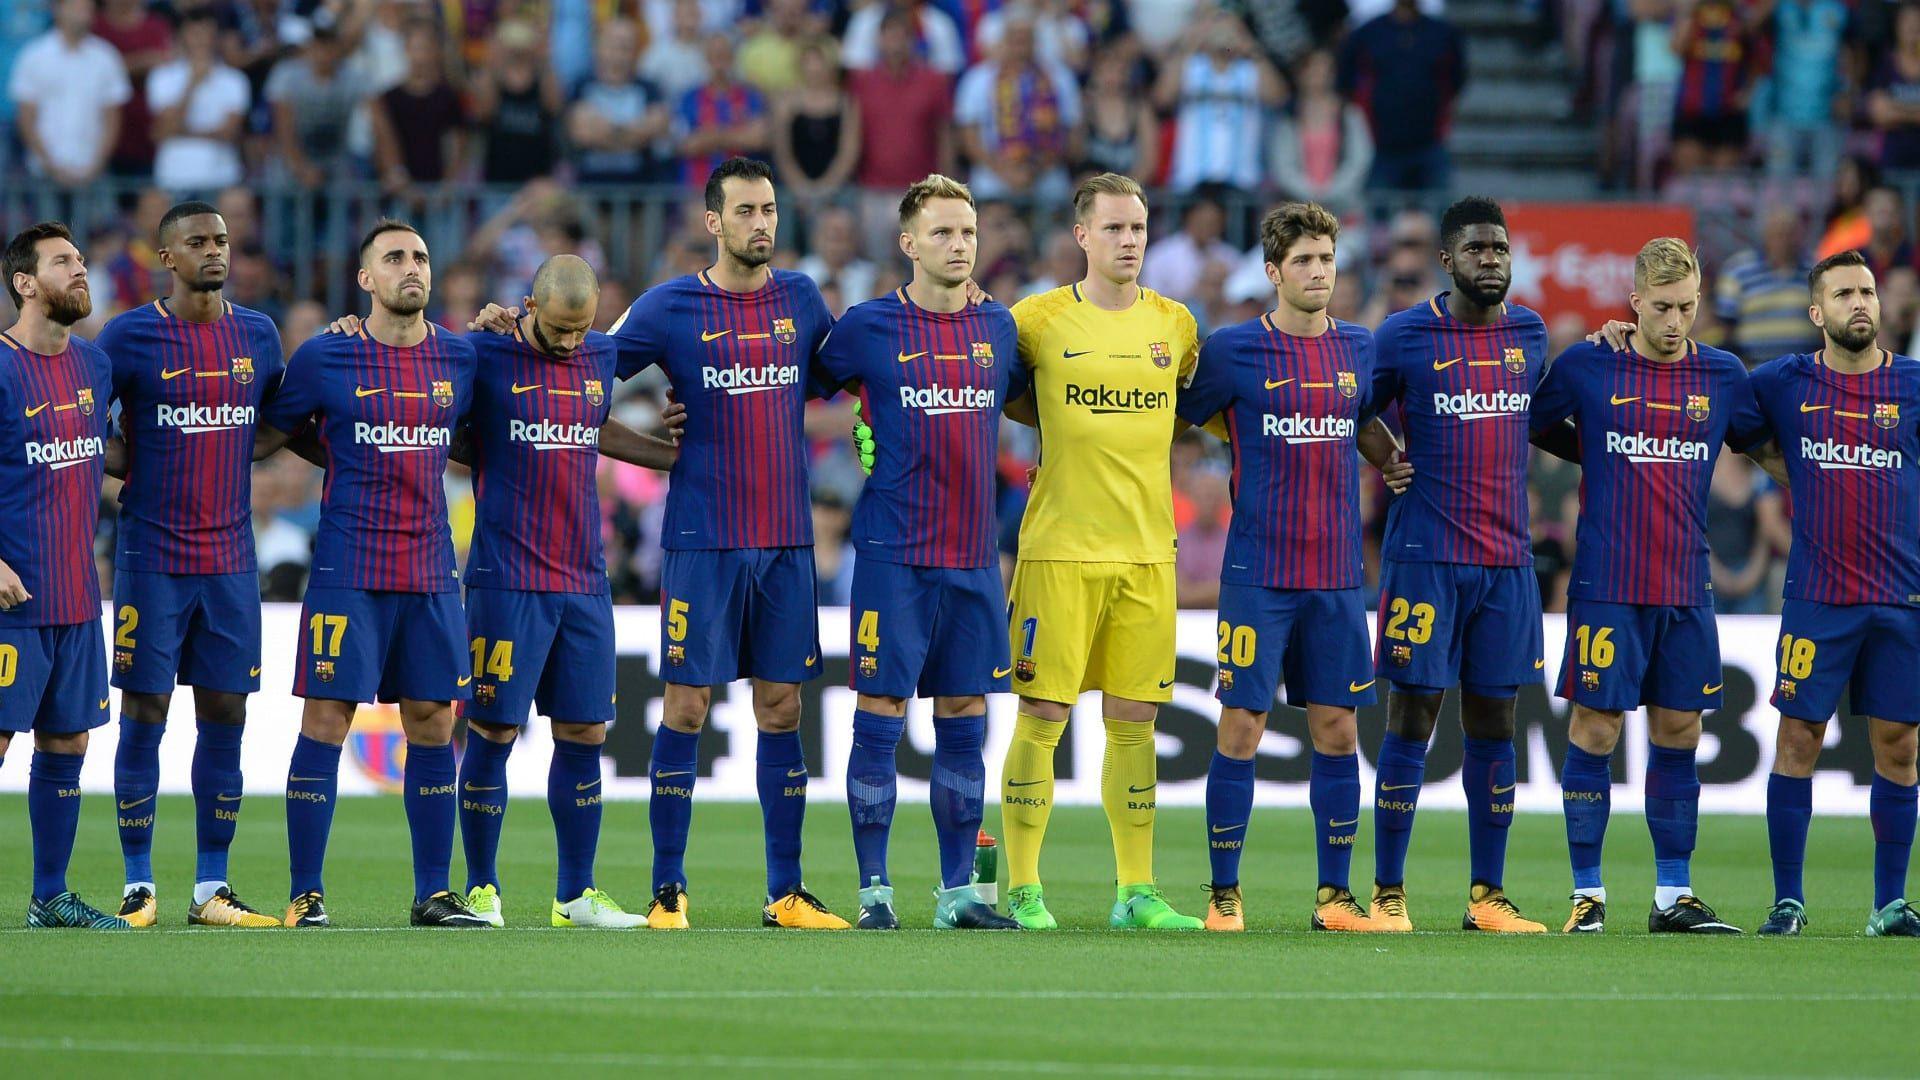 الآن نتيجة مباراة برشلونة وإسبانيول في ربع النهائي من كأس ملك إسبانيا Sports Soccer Field Soccer